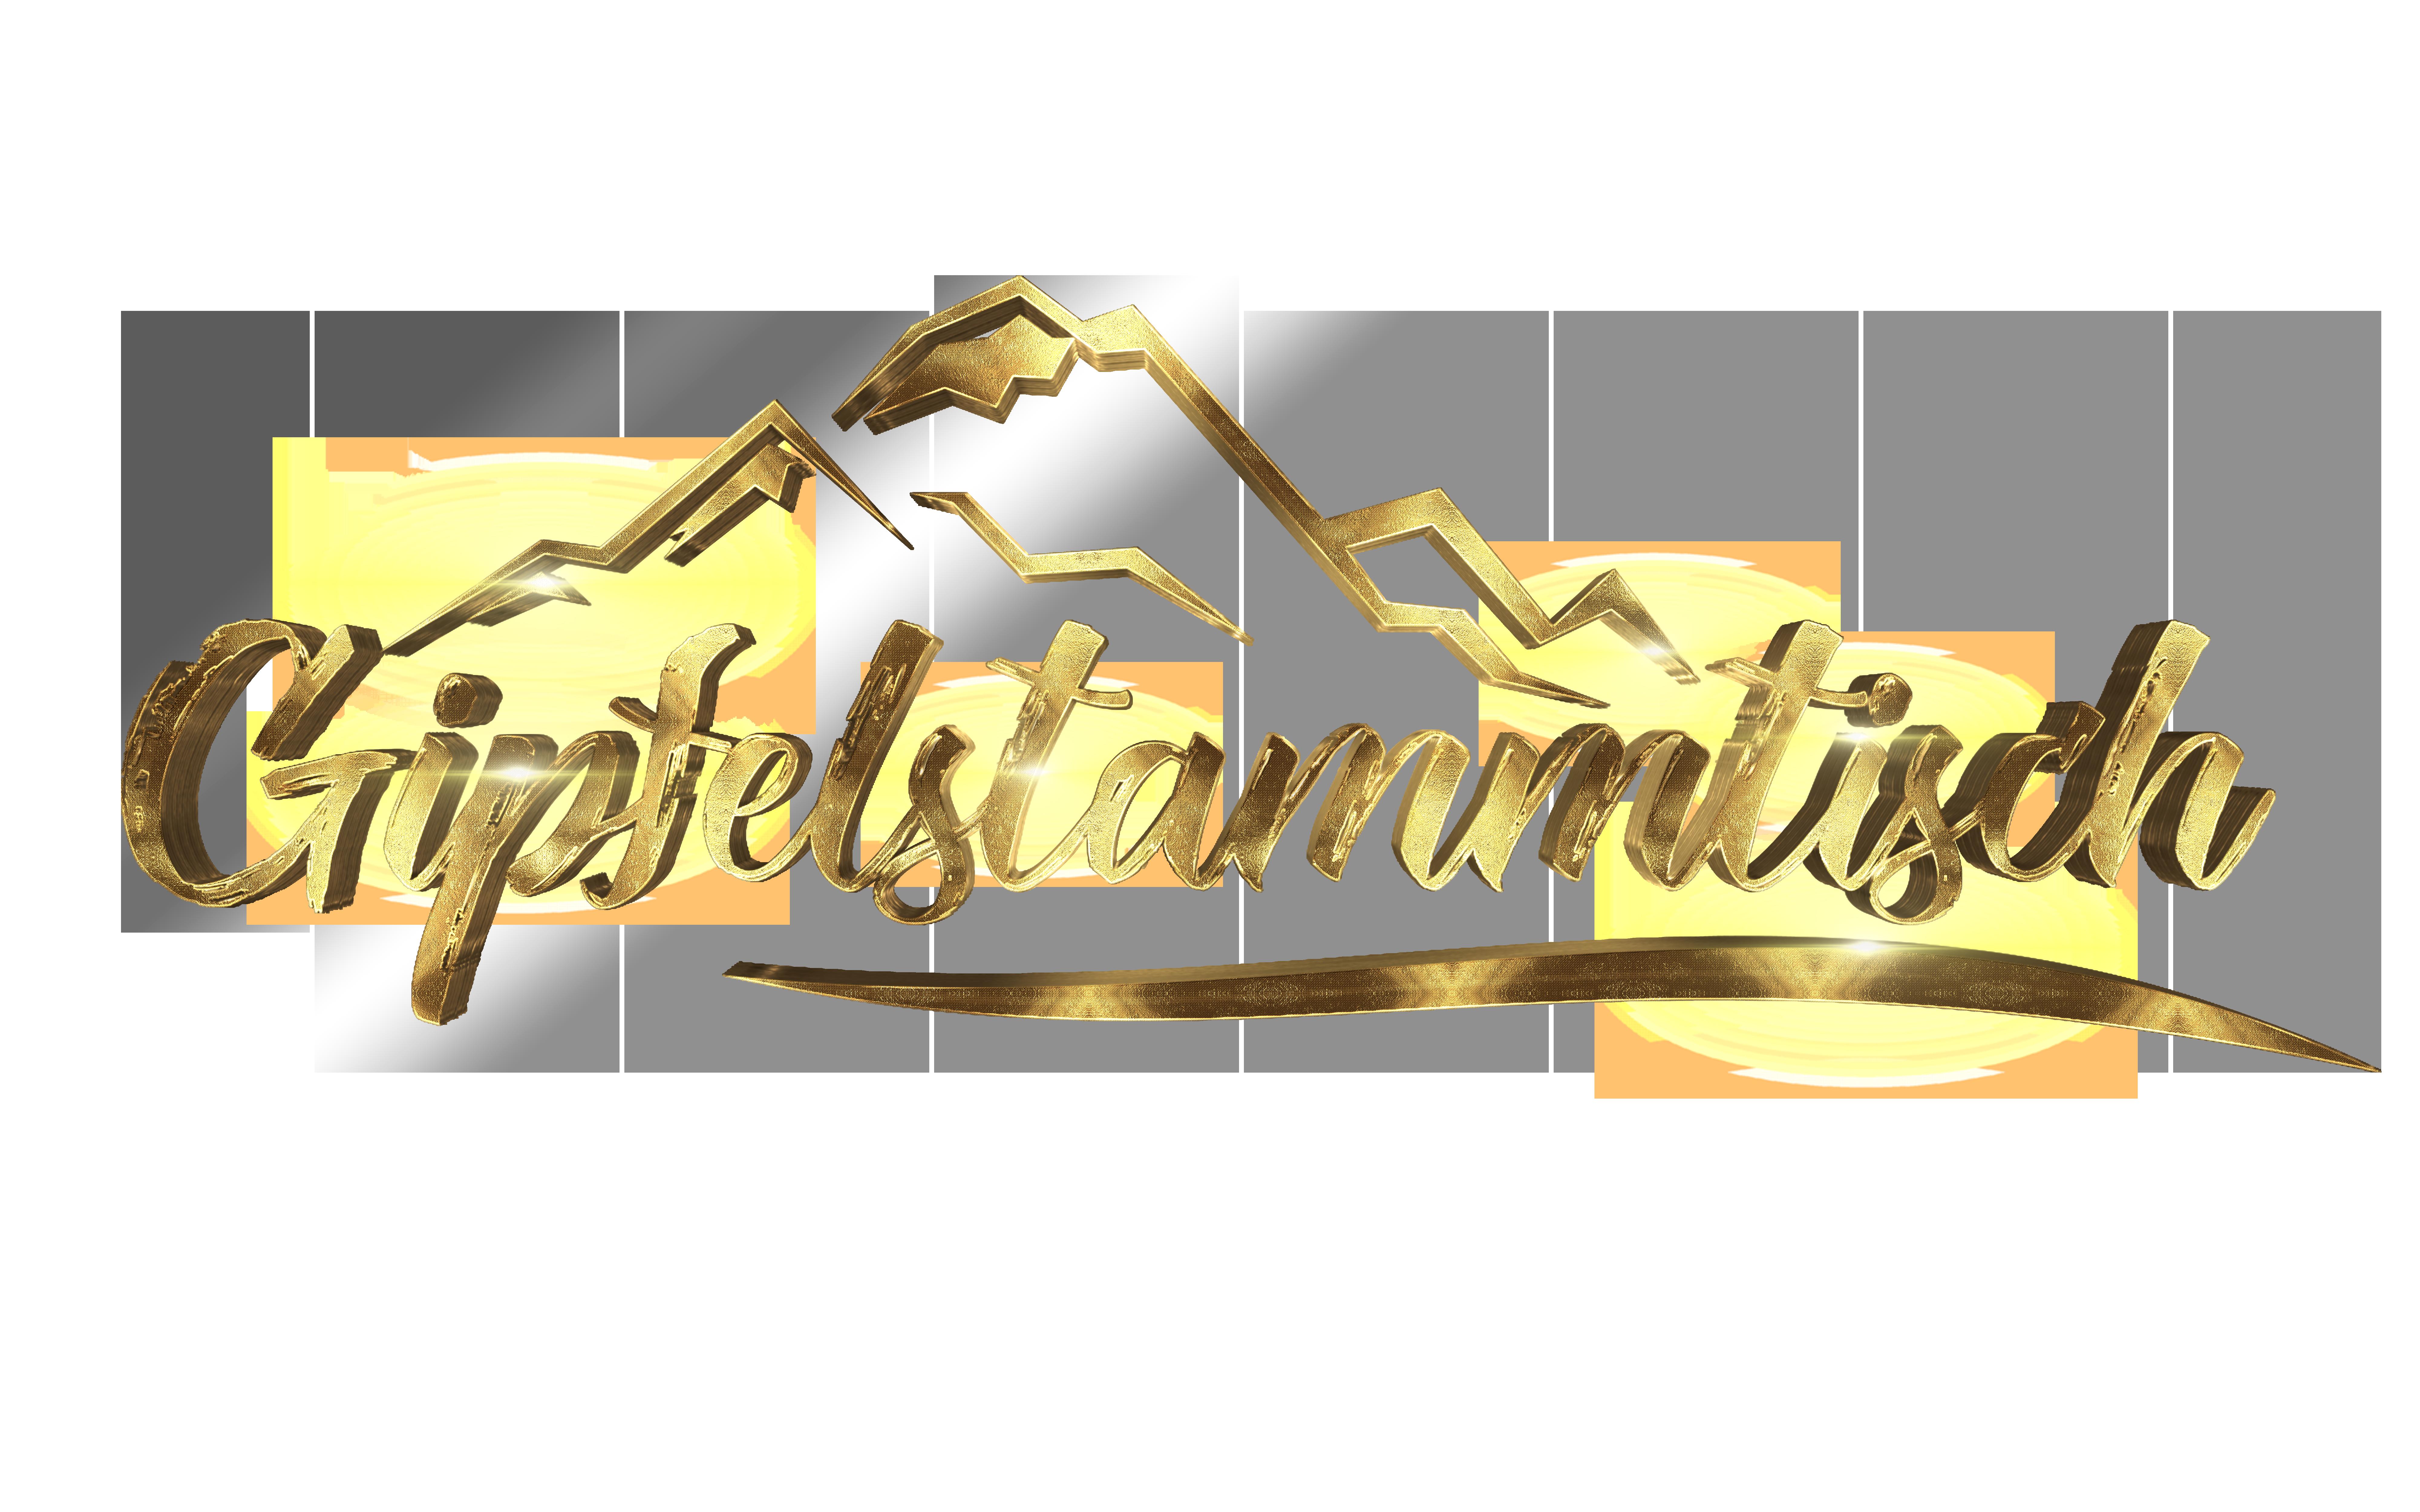 Gipfelstammtisch 3D FG Gold